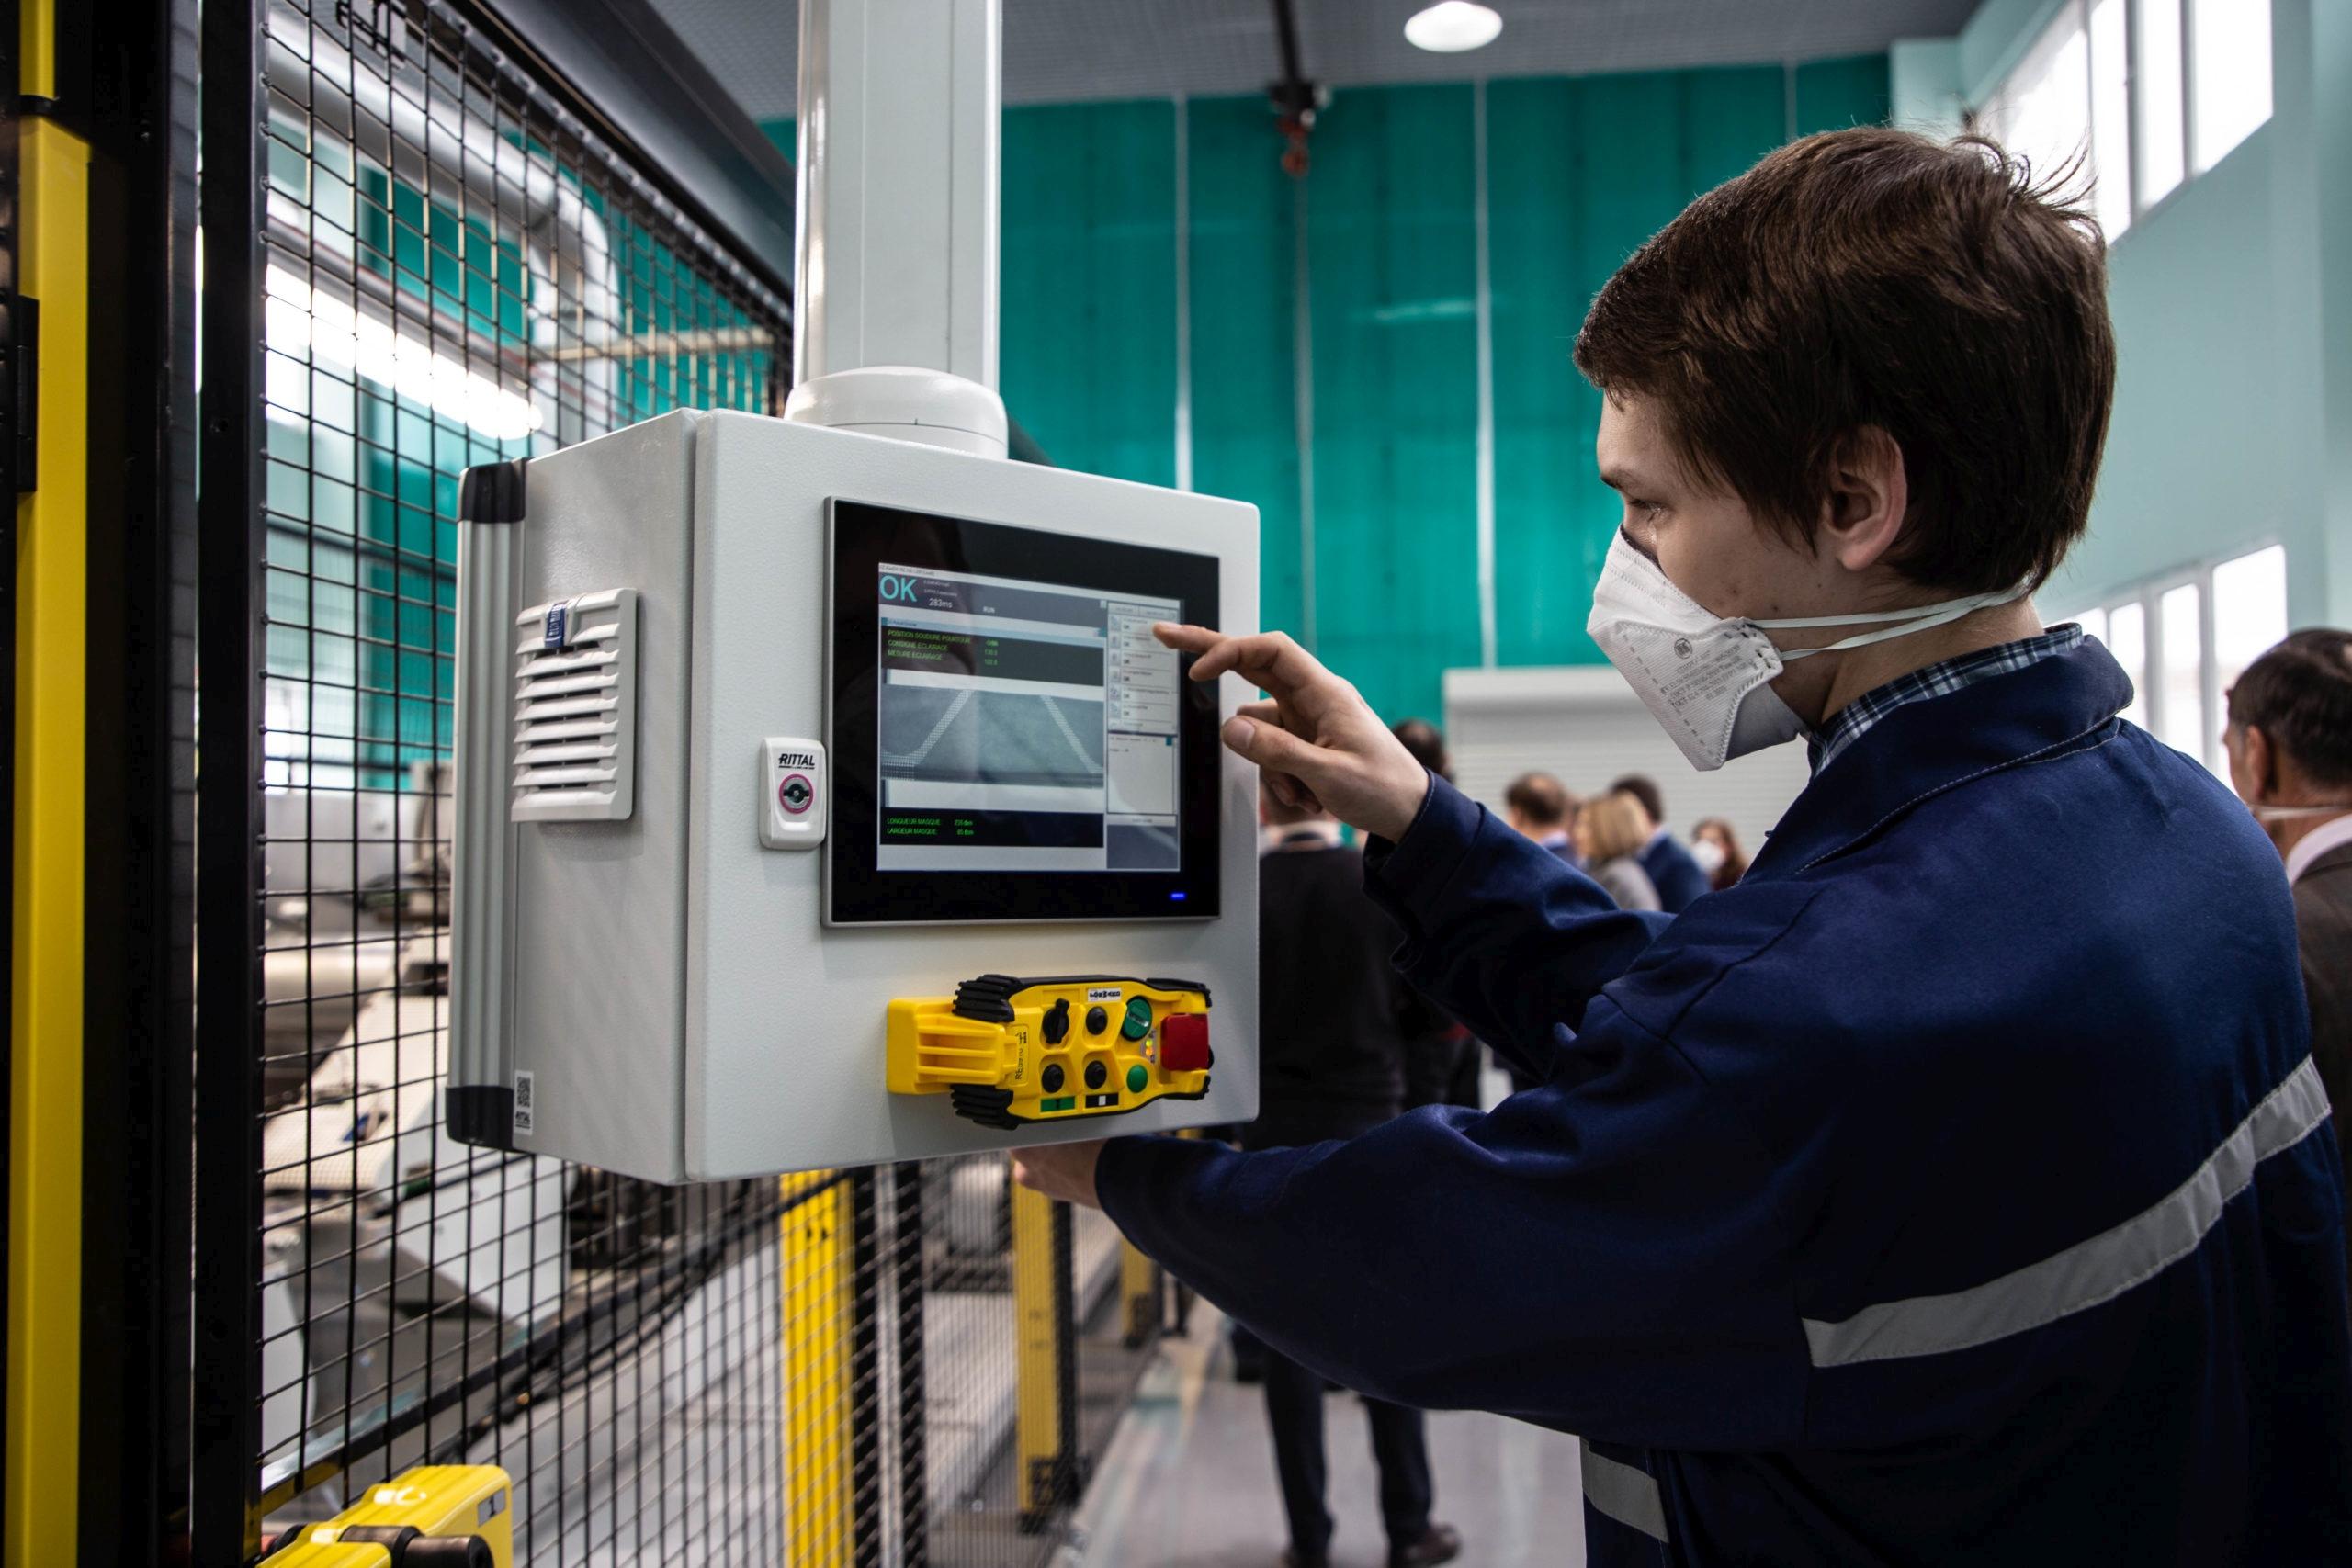 Кимрская фабрика поставляет СИЗ в Германию